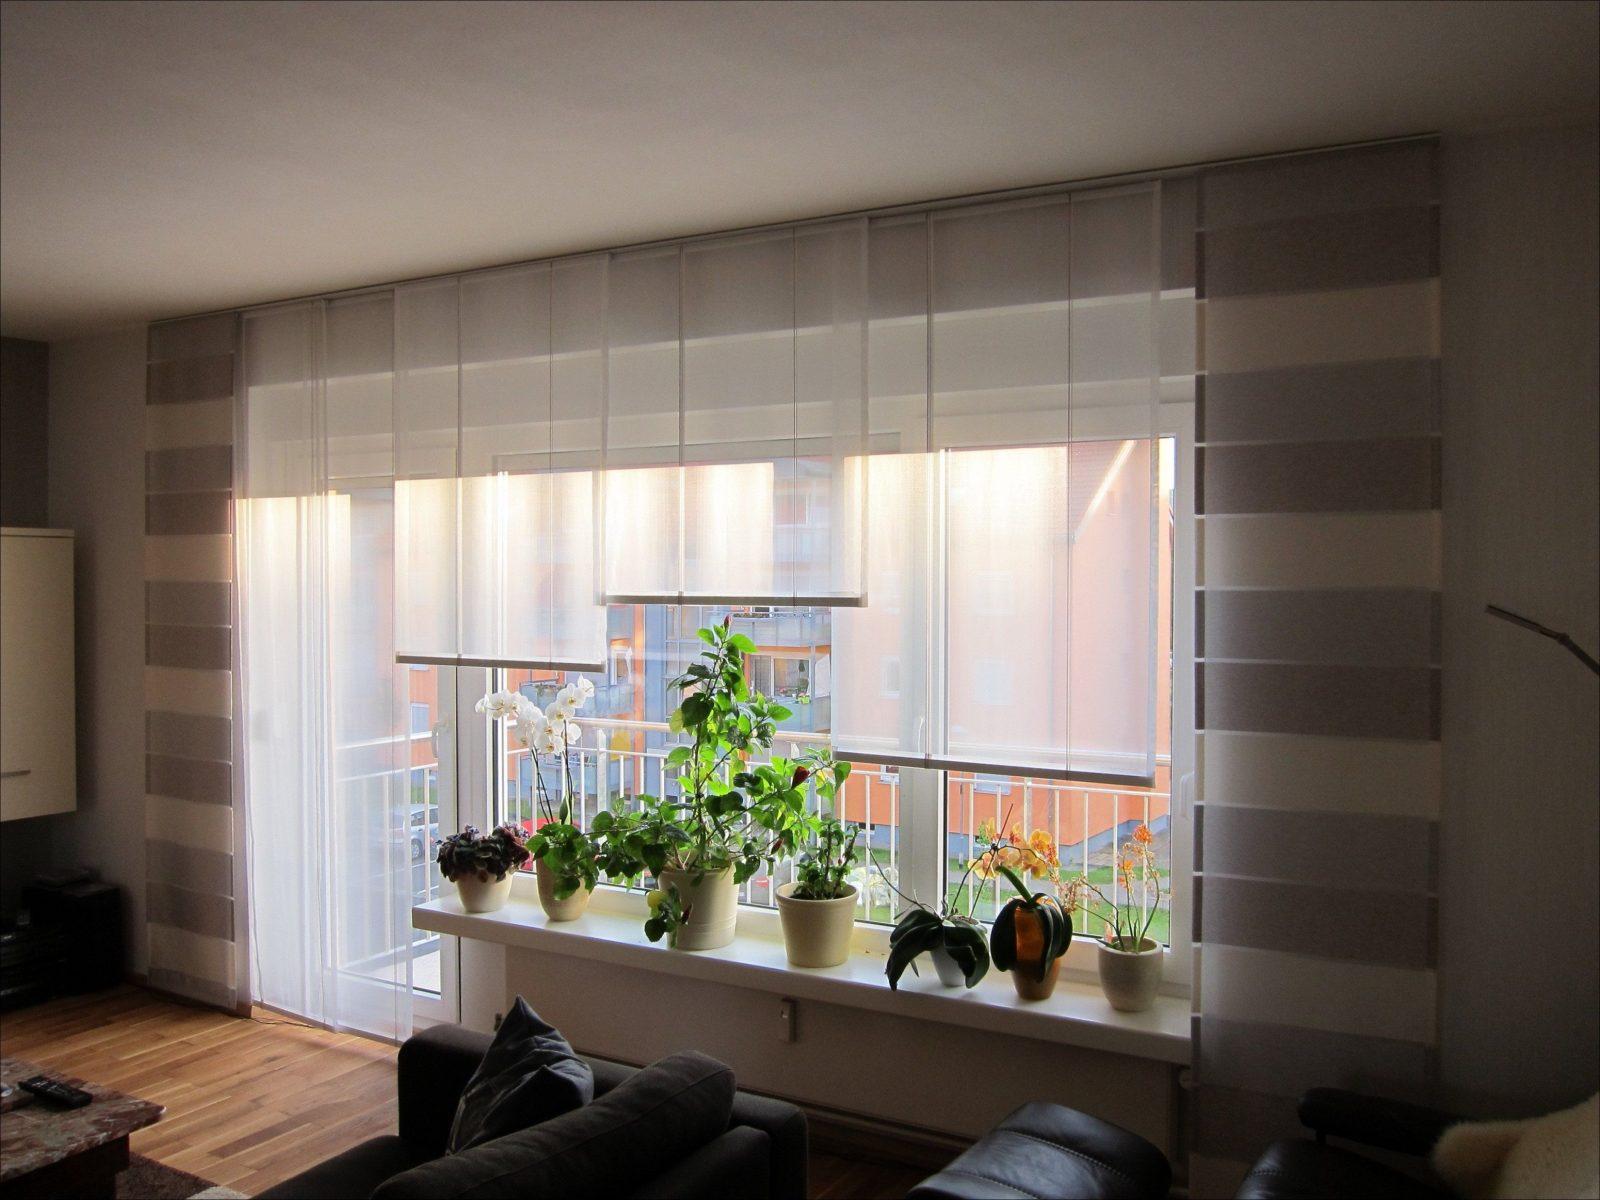 Luxus Vorhang Balkontür Und Fenster Schema von Gardinen Balkontür Und Fenster Bild